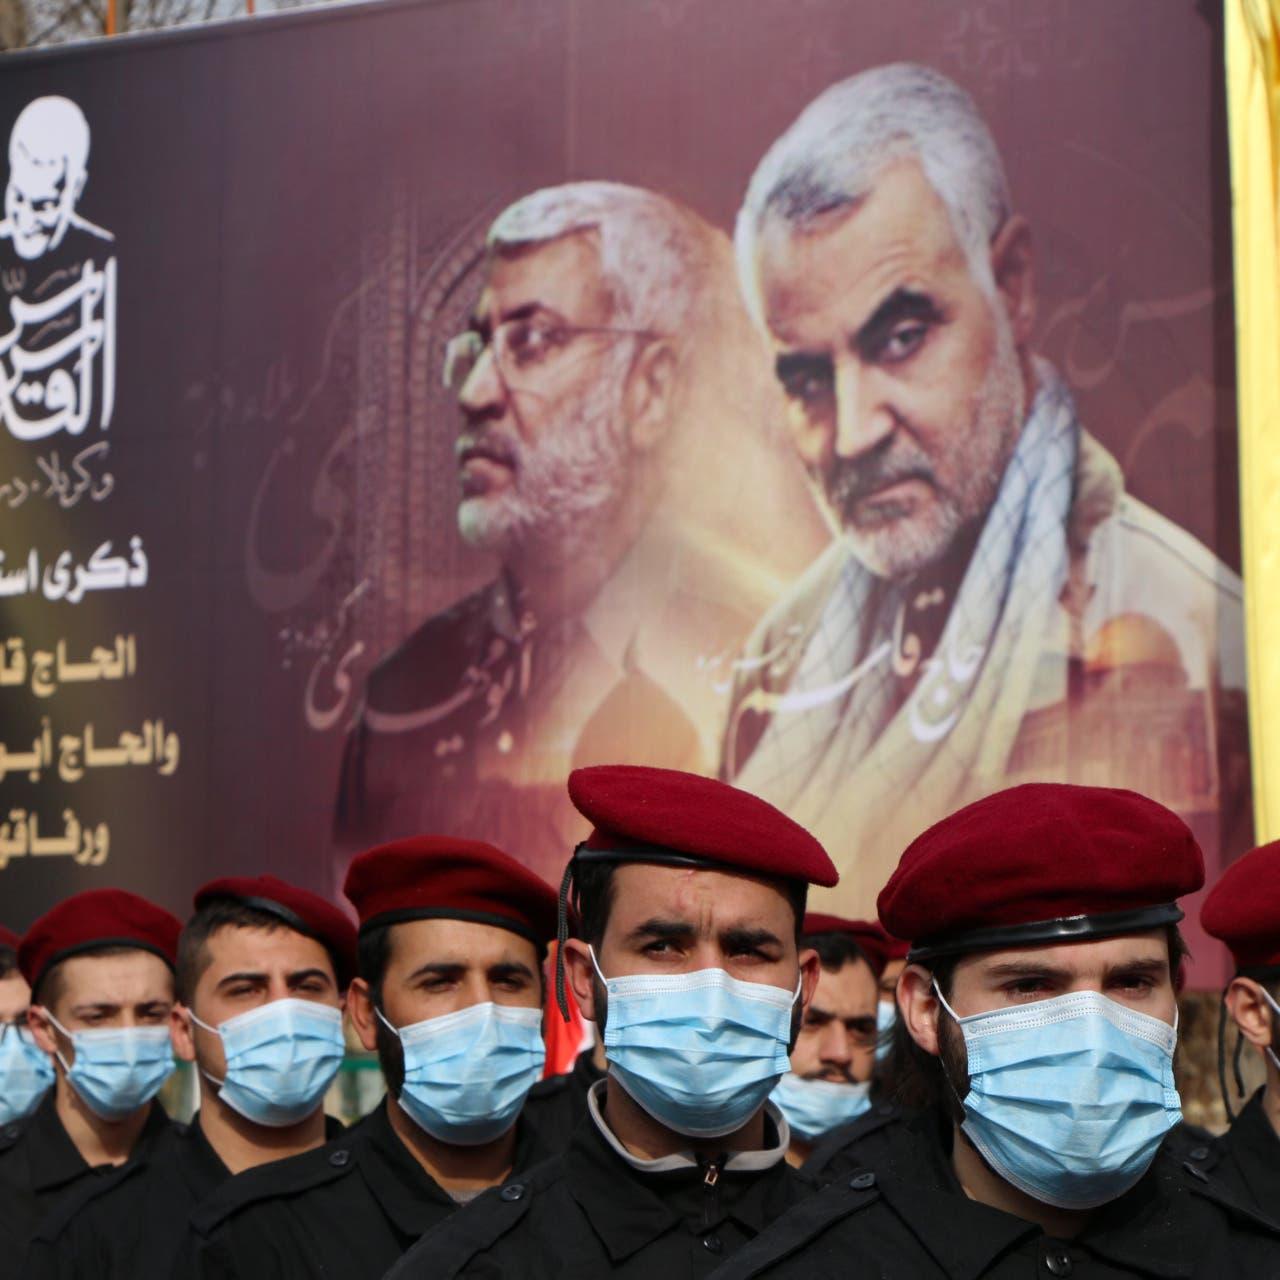 باحث إيراني يفند: هذه الخطوة كانت أهم من مقتل سليماني